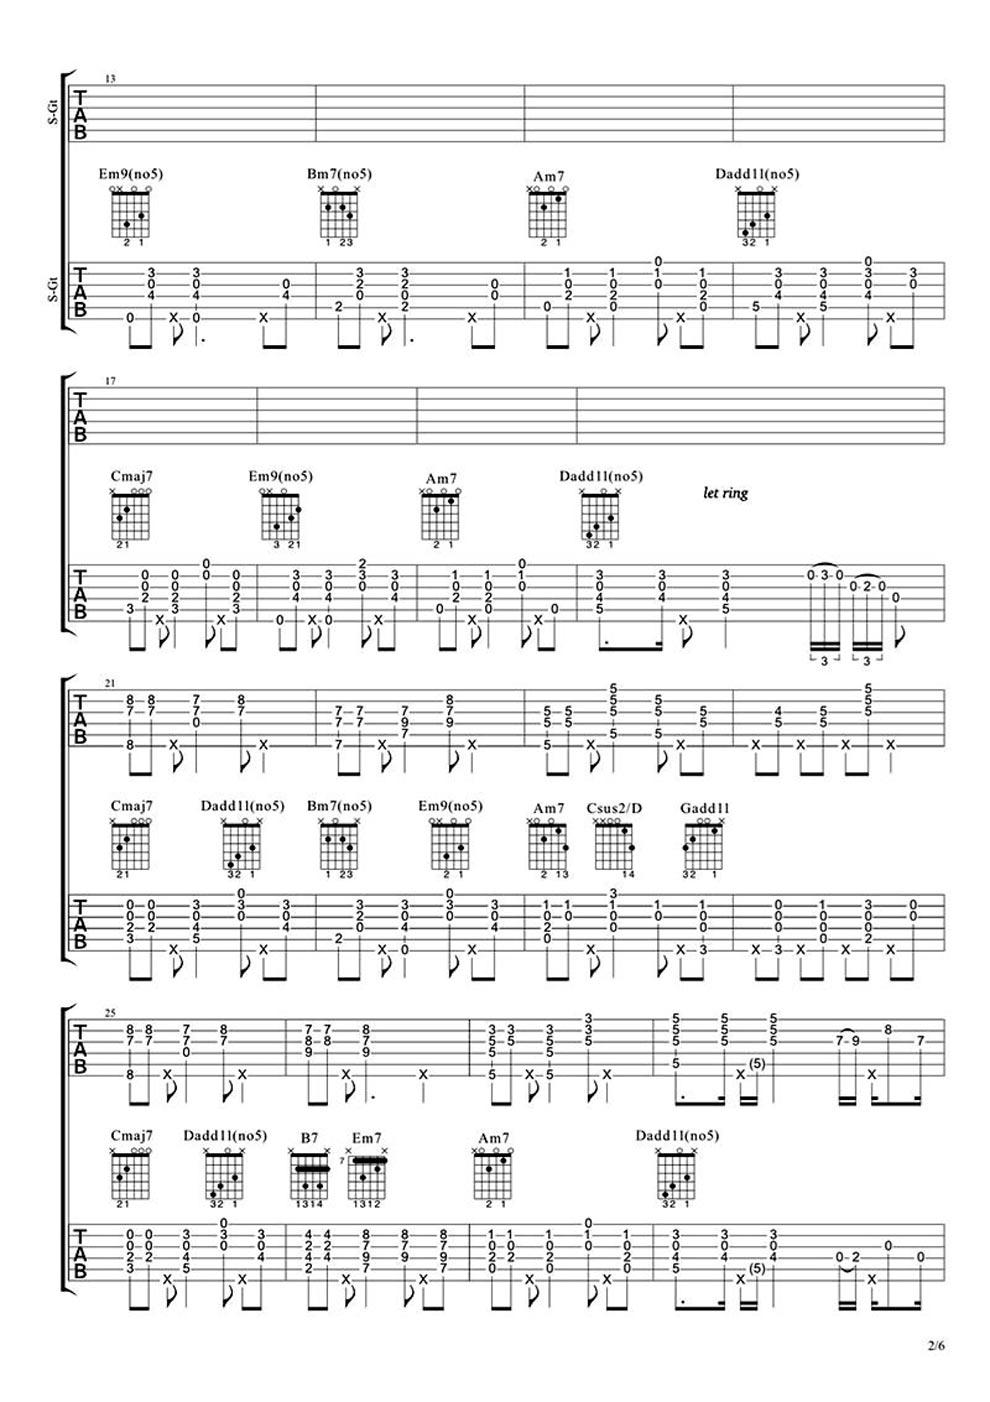 致爱your-song吉他谱_致爱 your song吉他谱 -彼岸吉他 - 一站式吉他爱好者服务平台